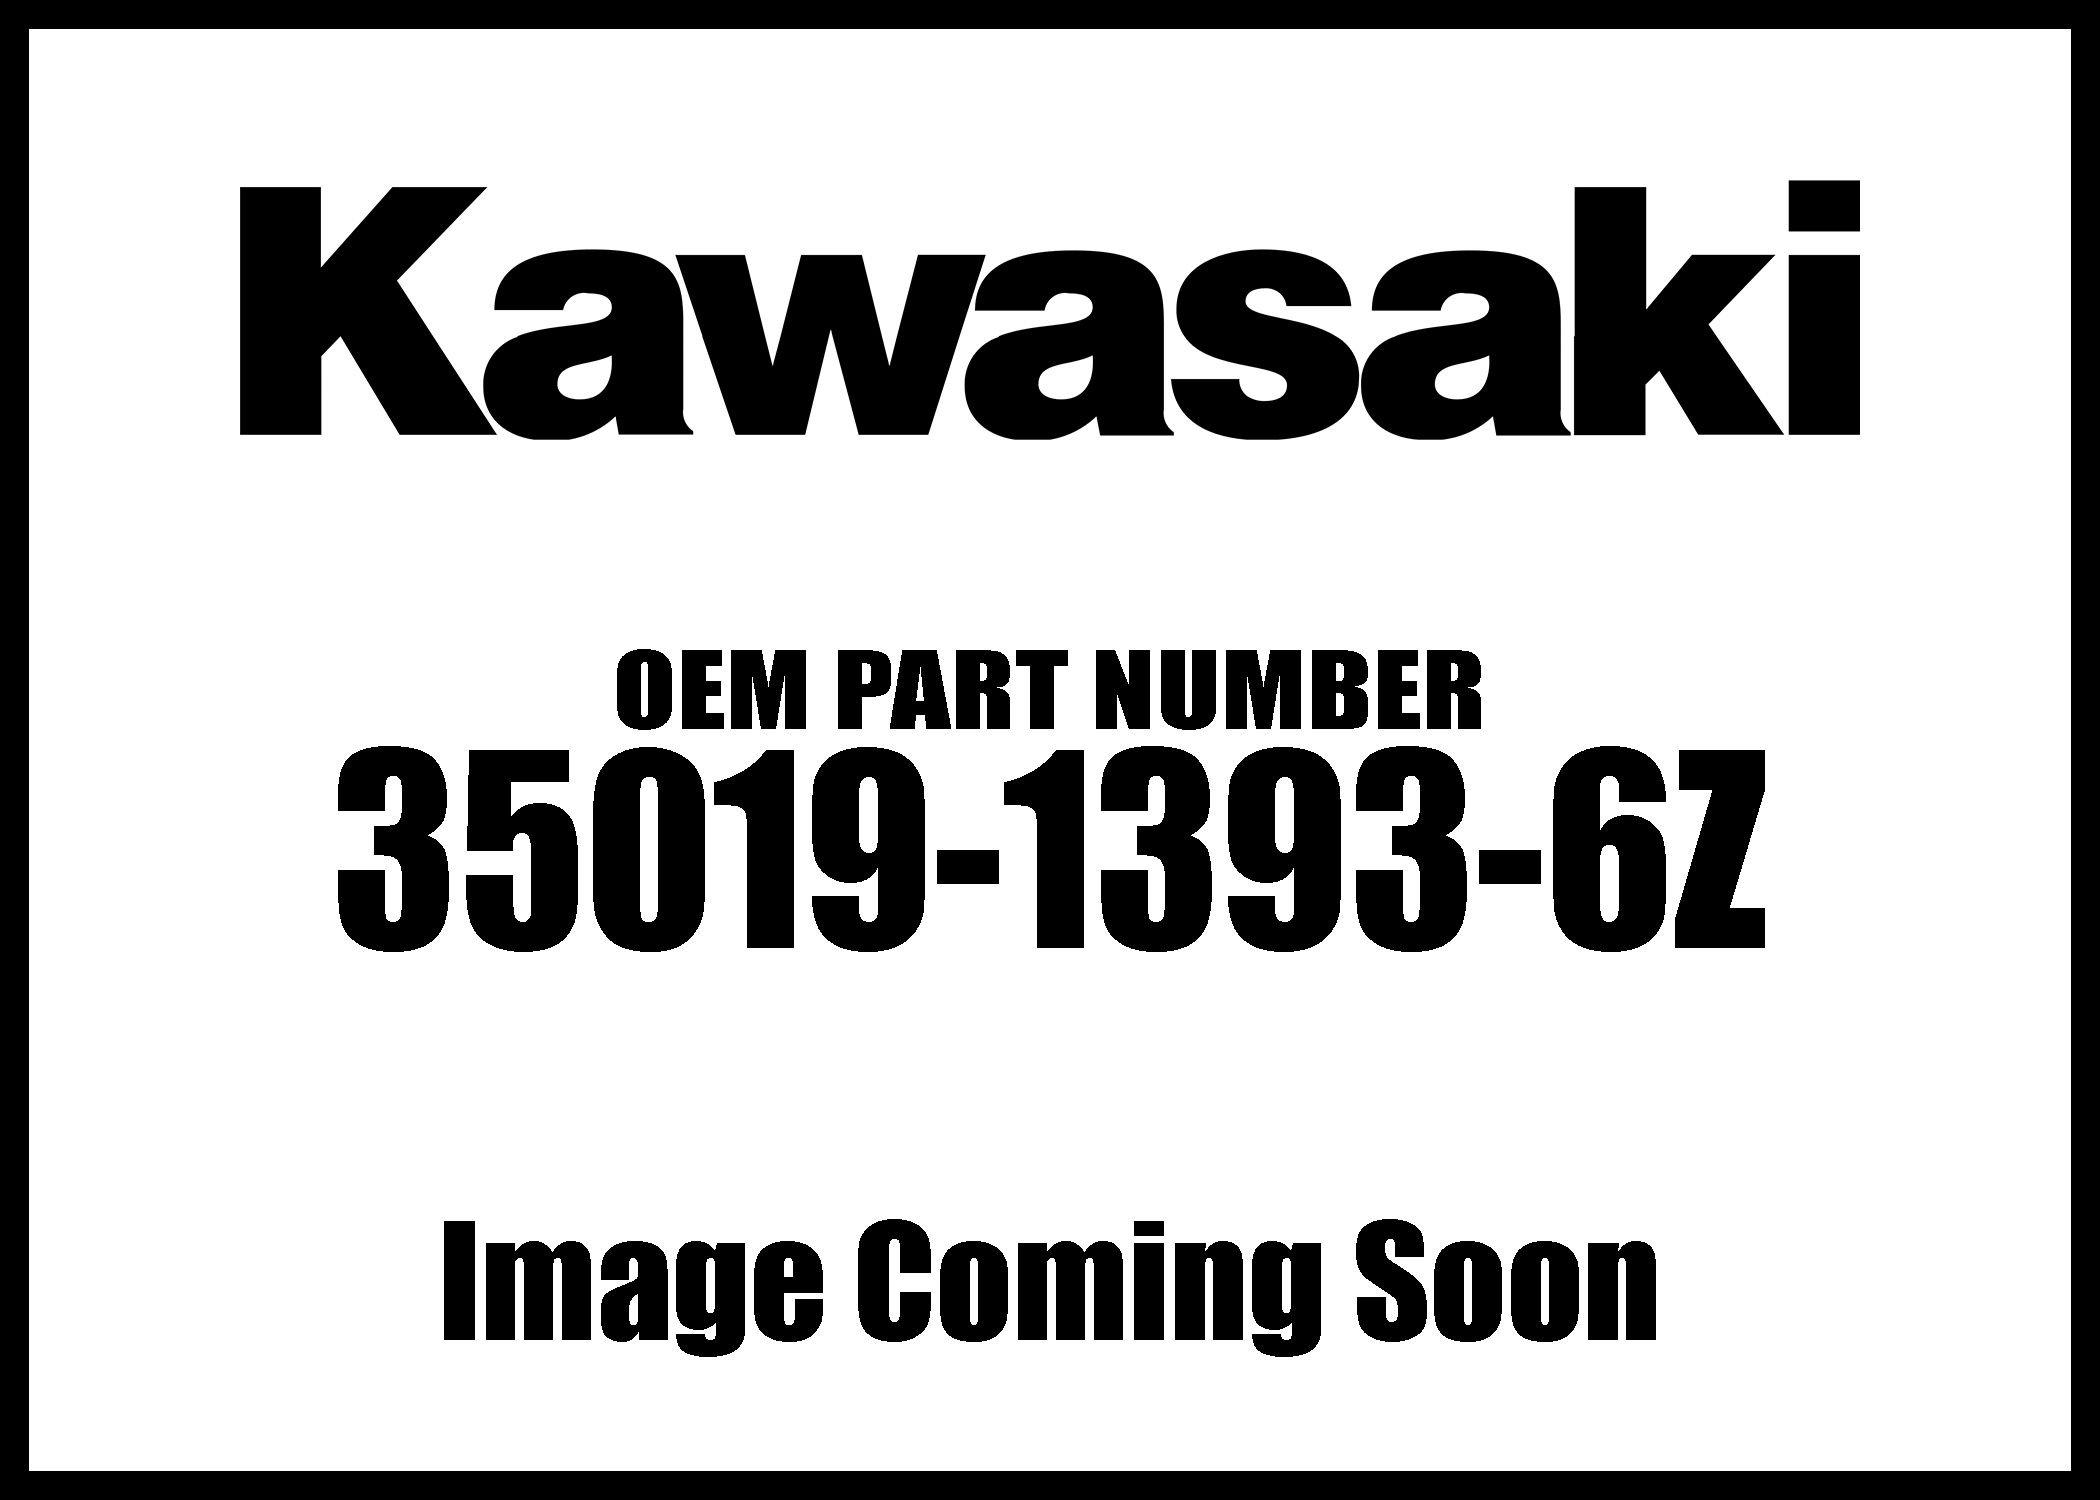 Kawasaki 02-06 Prairie Flap Rr Fr Lh F.Black 35019-1393-6Z New OEM